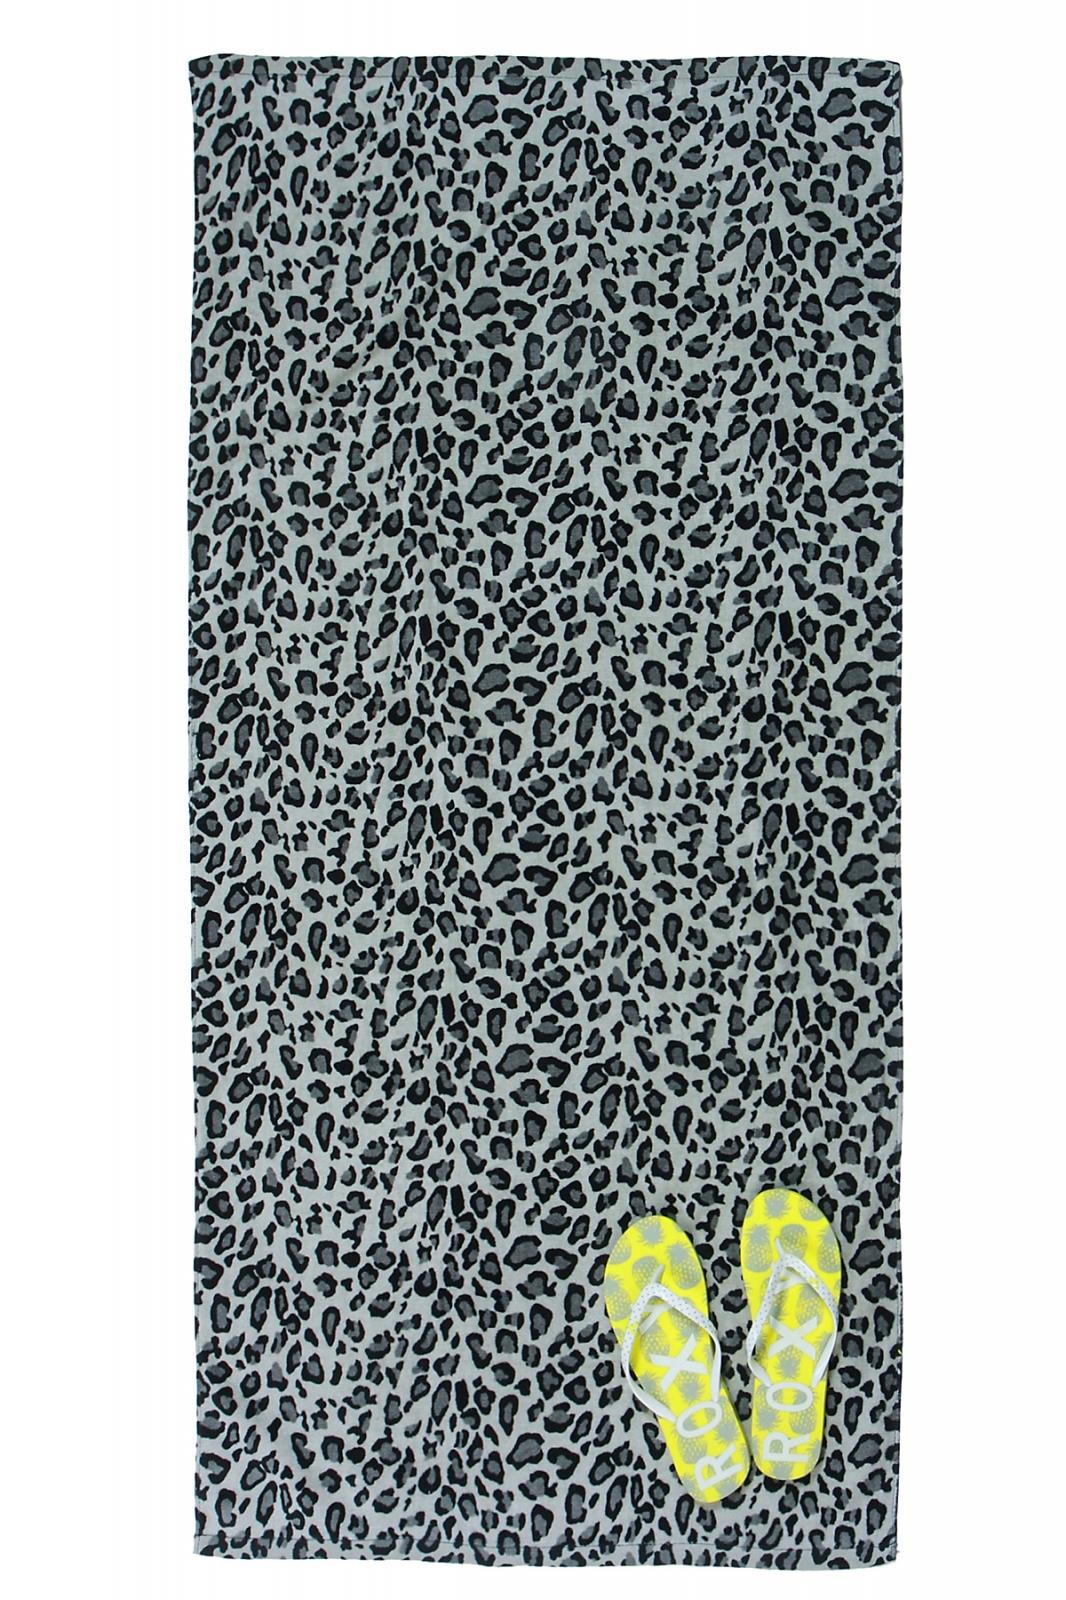 Леопардовые полотенца на выгодных условиях оптом с доставкой